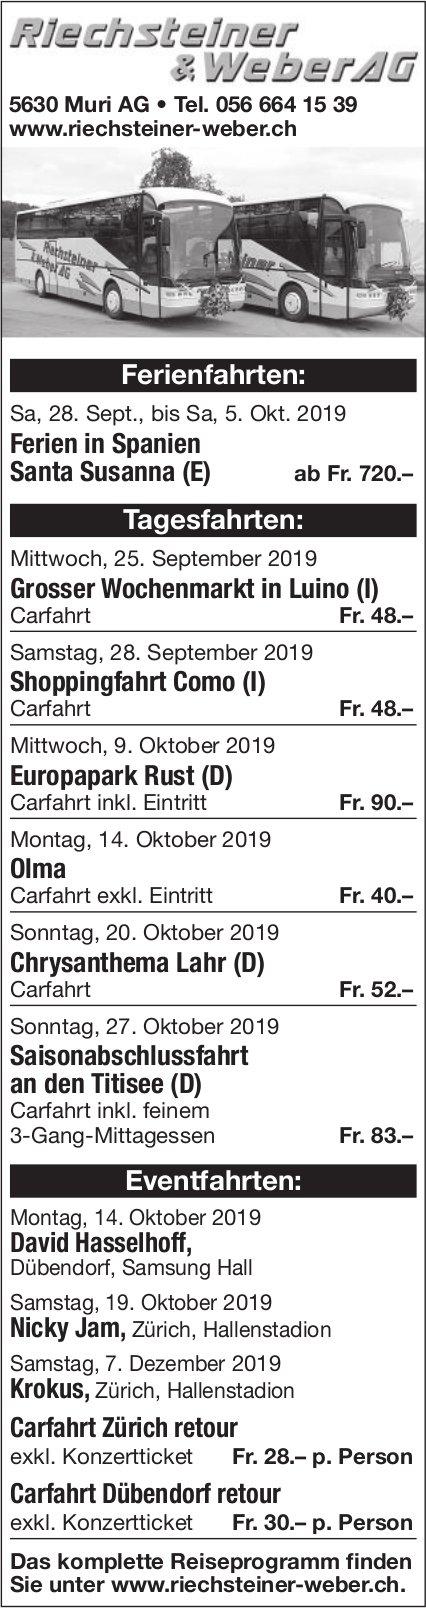 Riechsteiner & Weber AG Ferienreisen